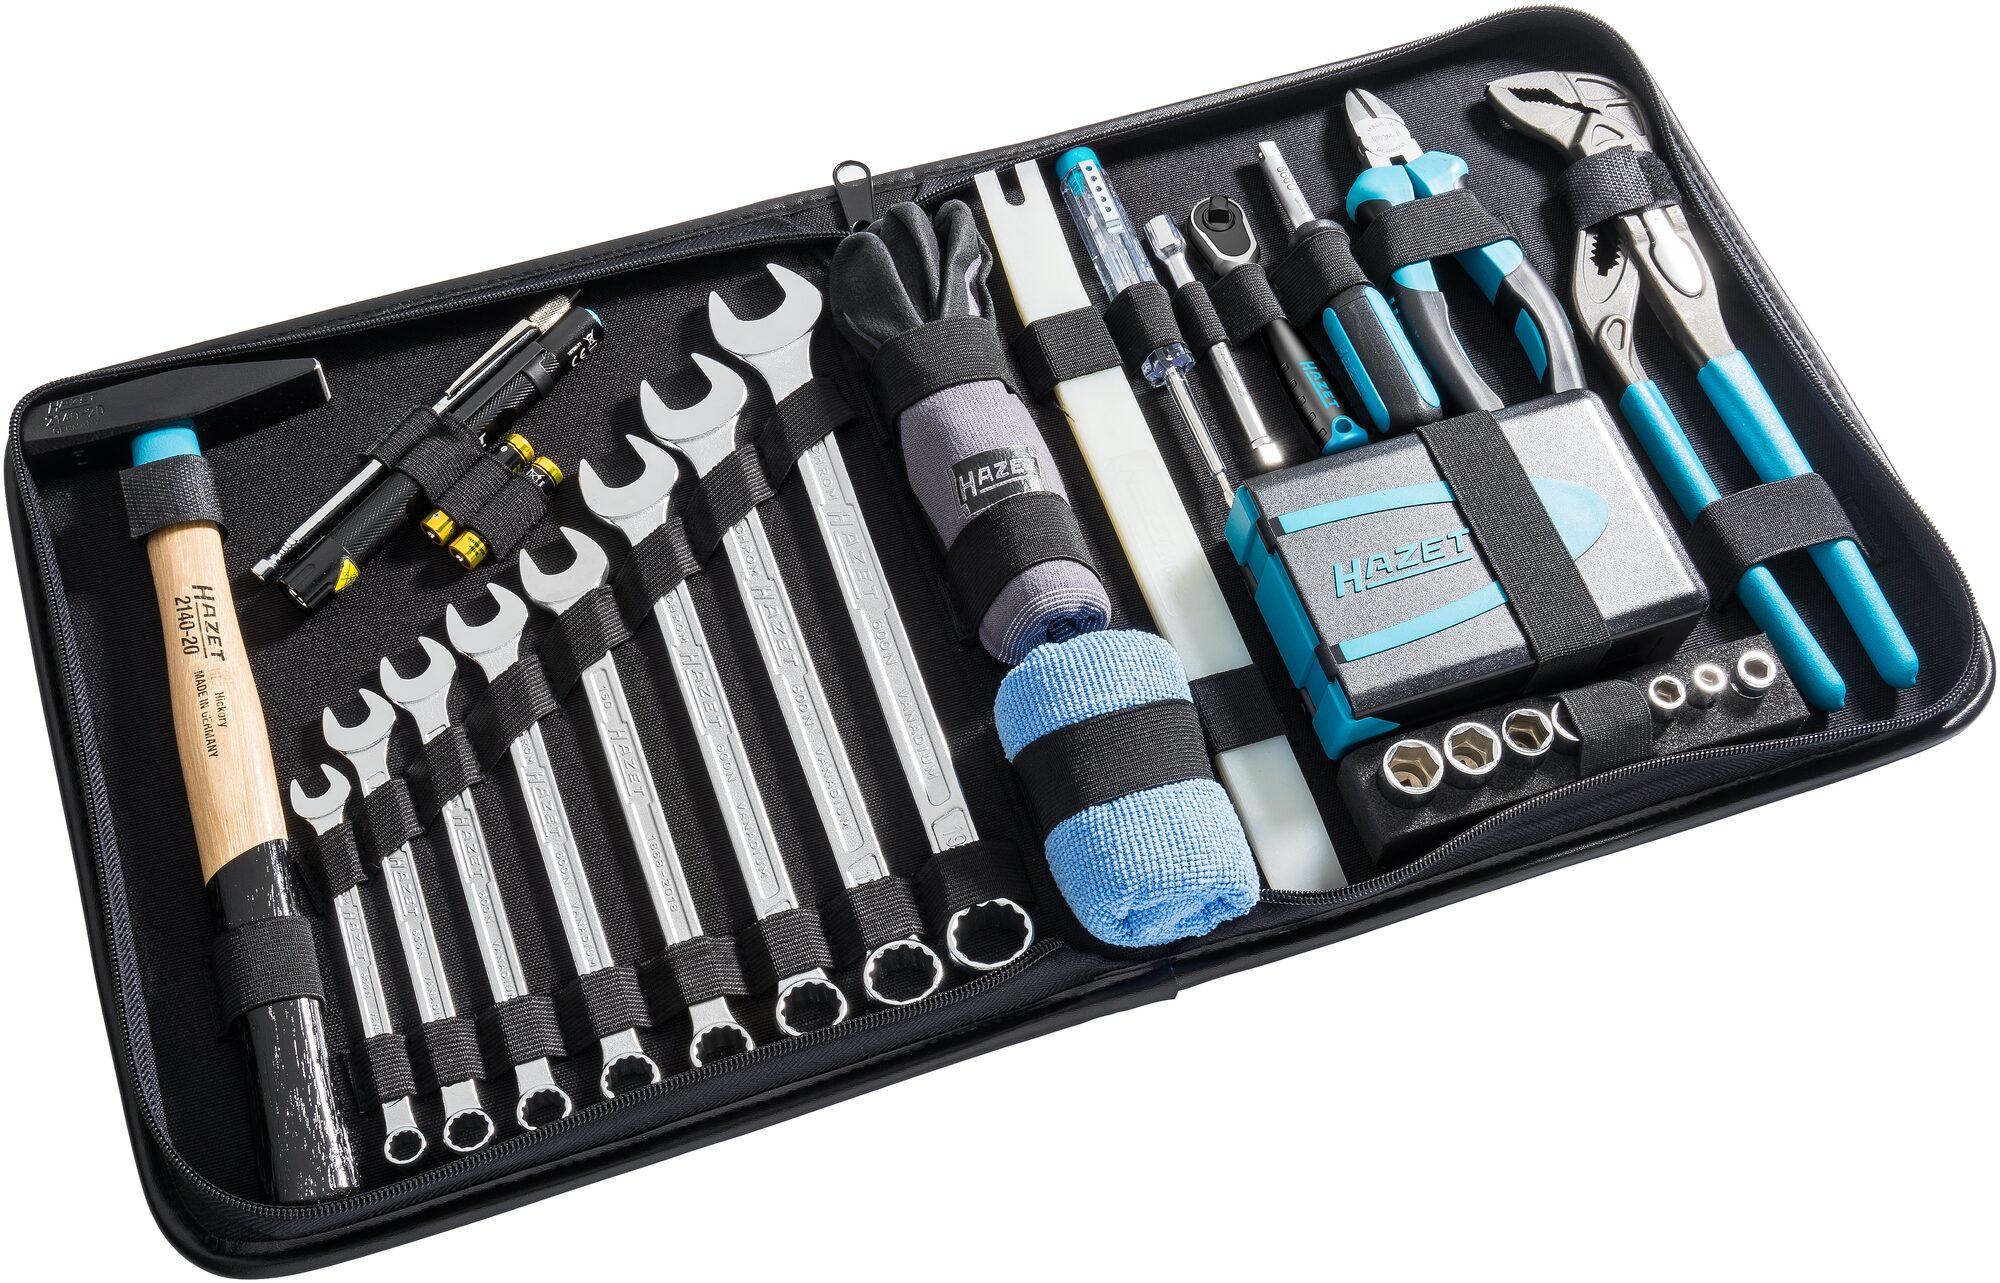 HAZET Premium Werkzeug Ledertasche 1520/64 ∙ Sechskant massiv 6,3 (1/4 Zoll), Vierkant hohl 6,3 mm (1/4 Zoll)